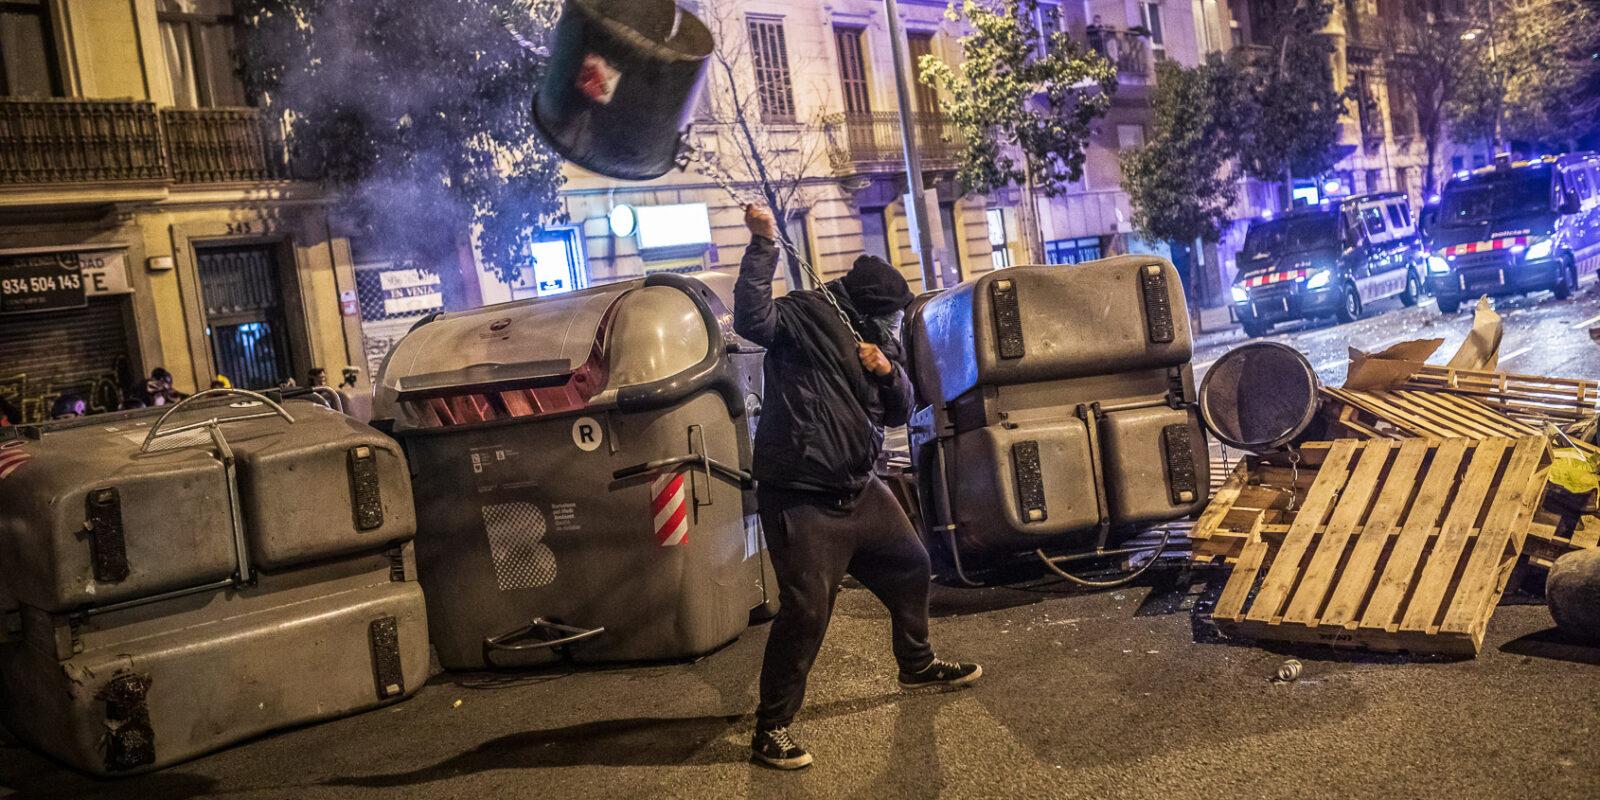 Tercera nit d'aldarulls a Barcelona per l'empresonament de Pablo Hasél / Jordi Borràs